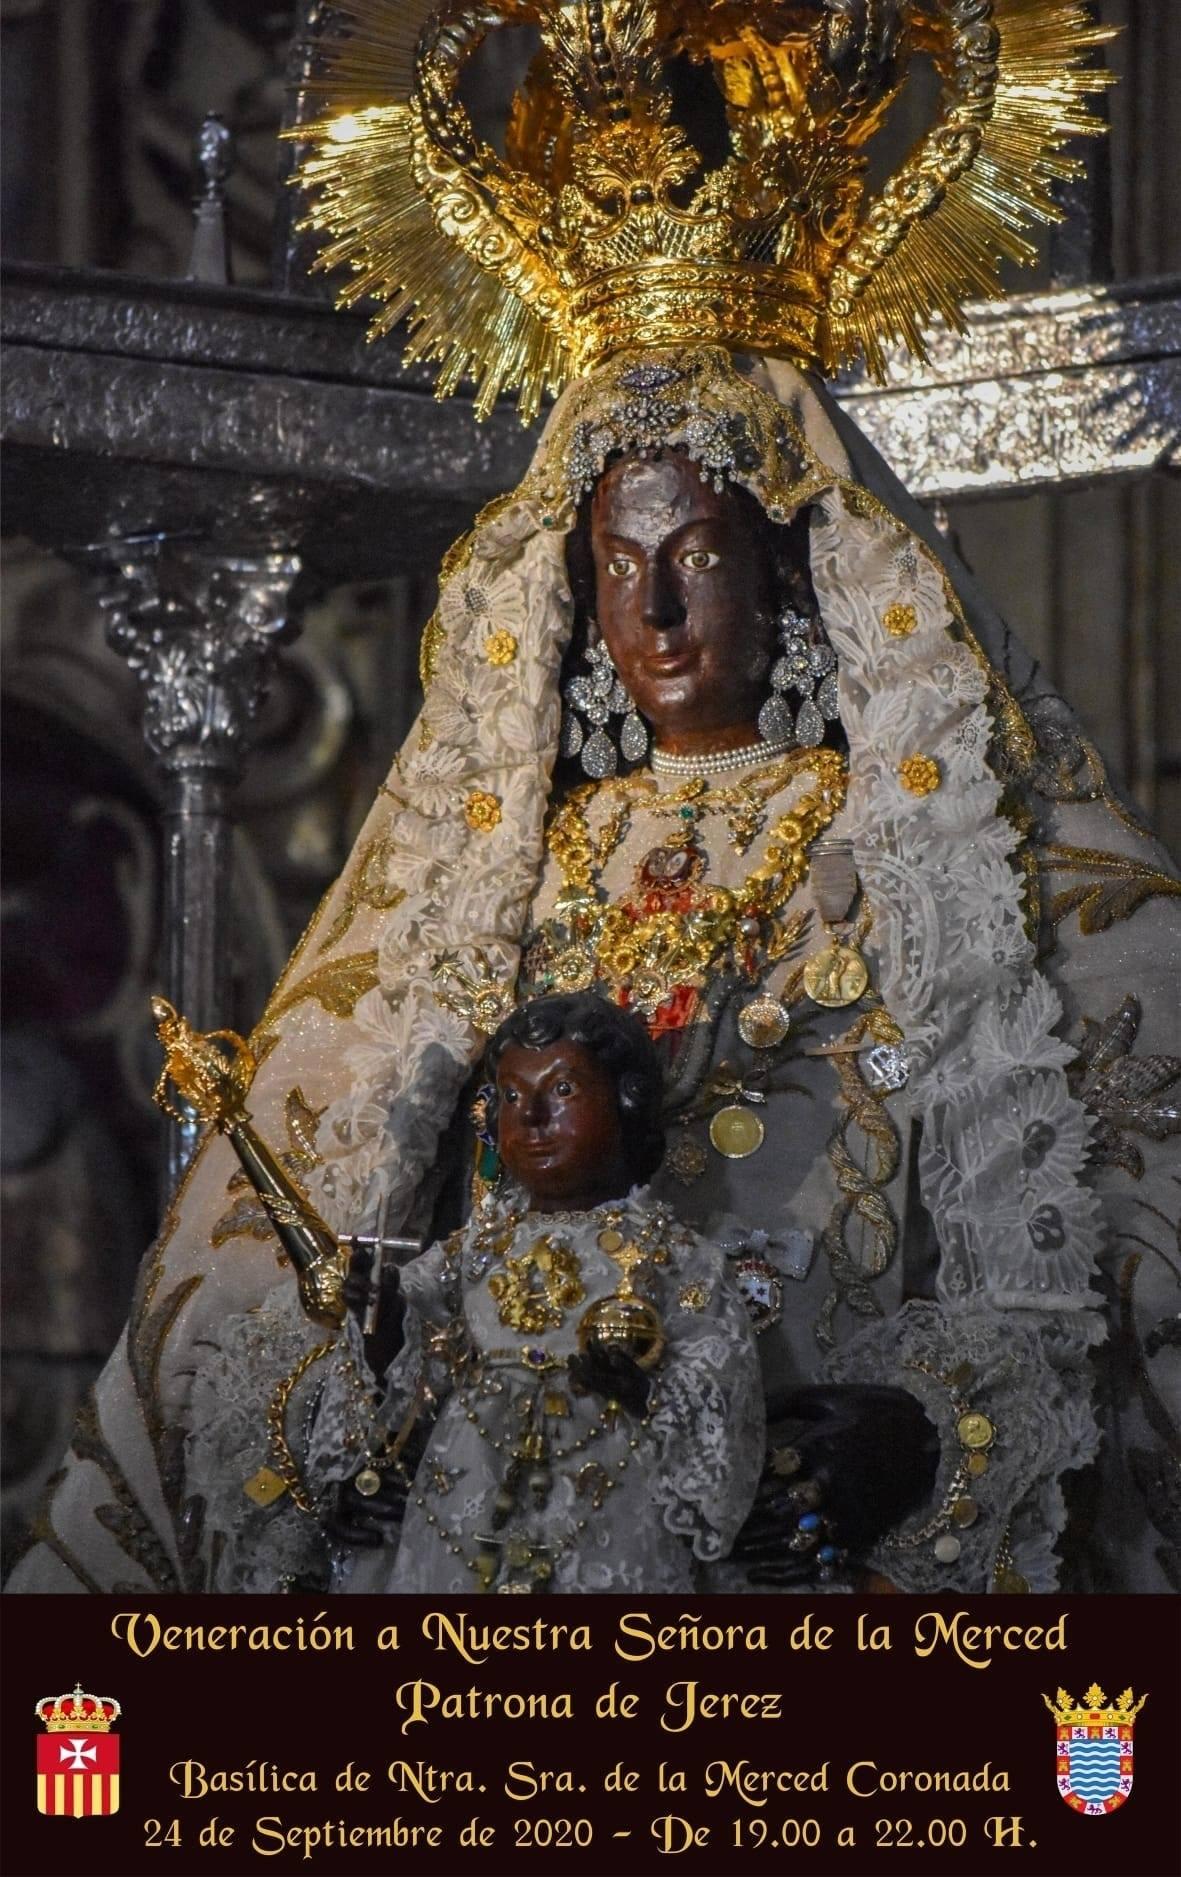 El día de la Virgen de la Merced ya cuenta con cartel anunciador